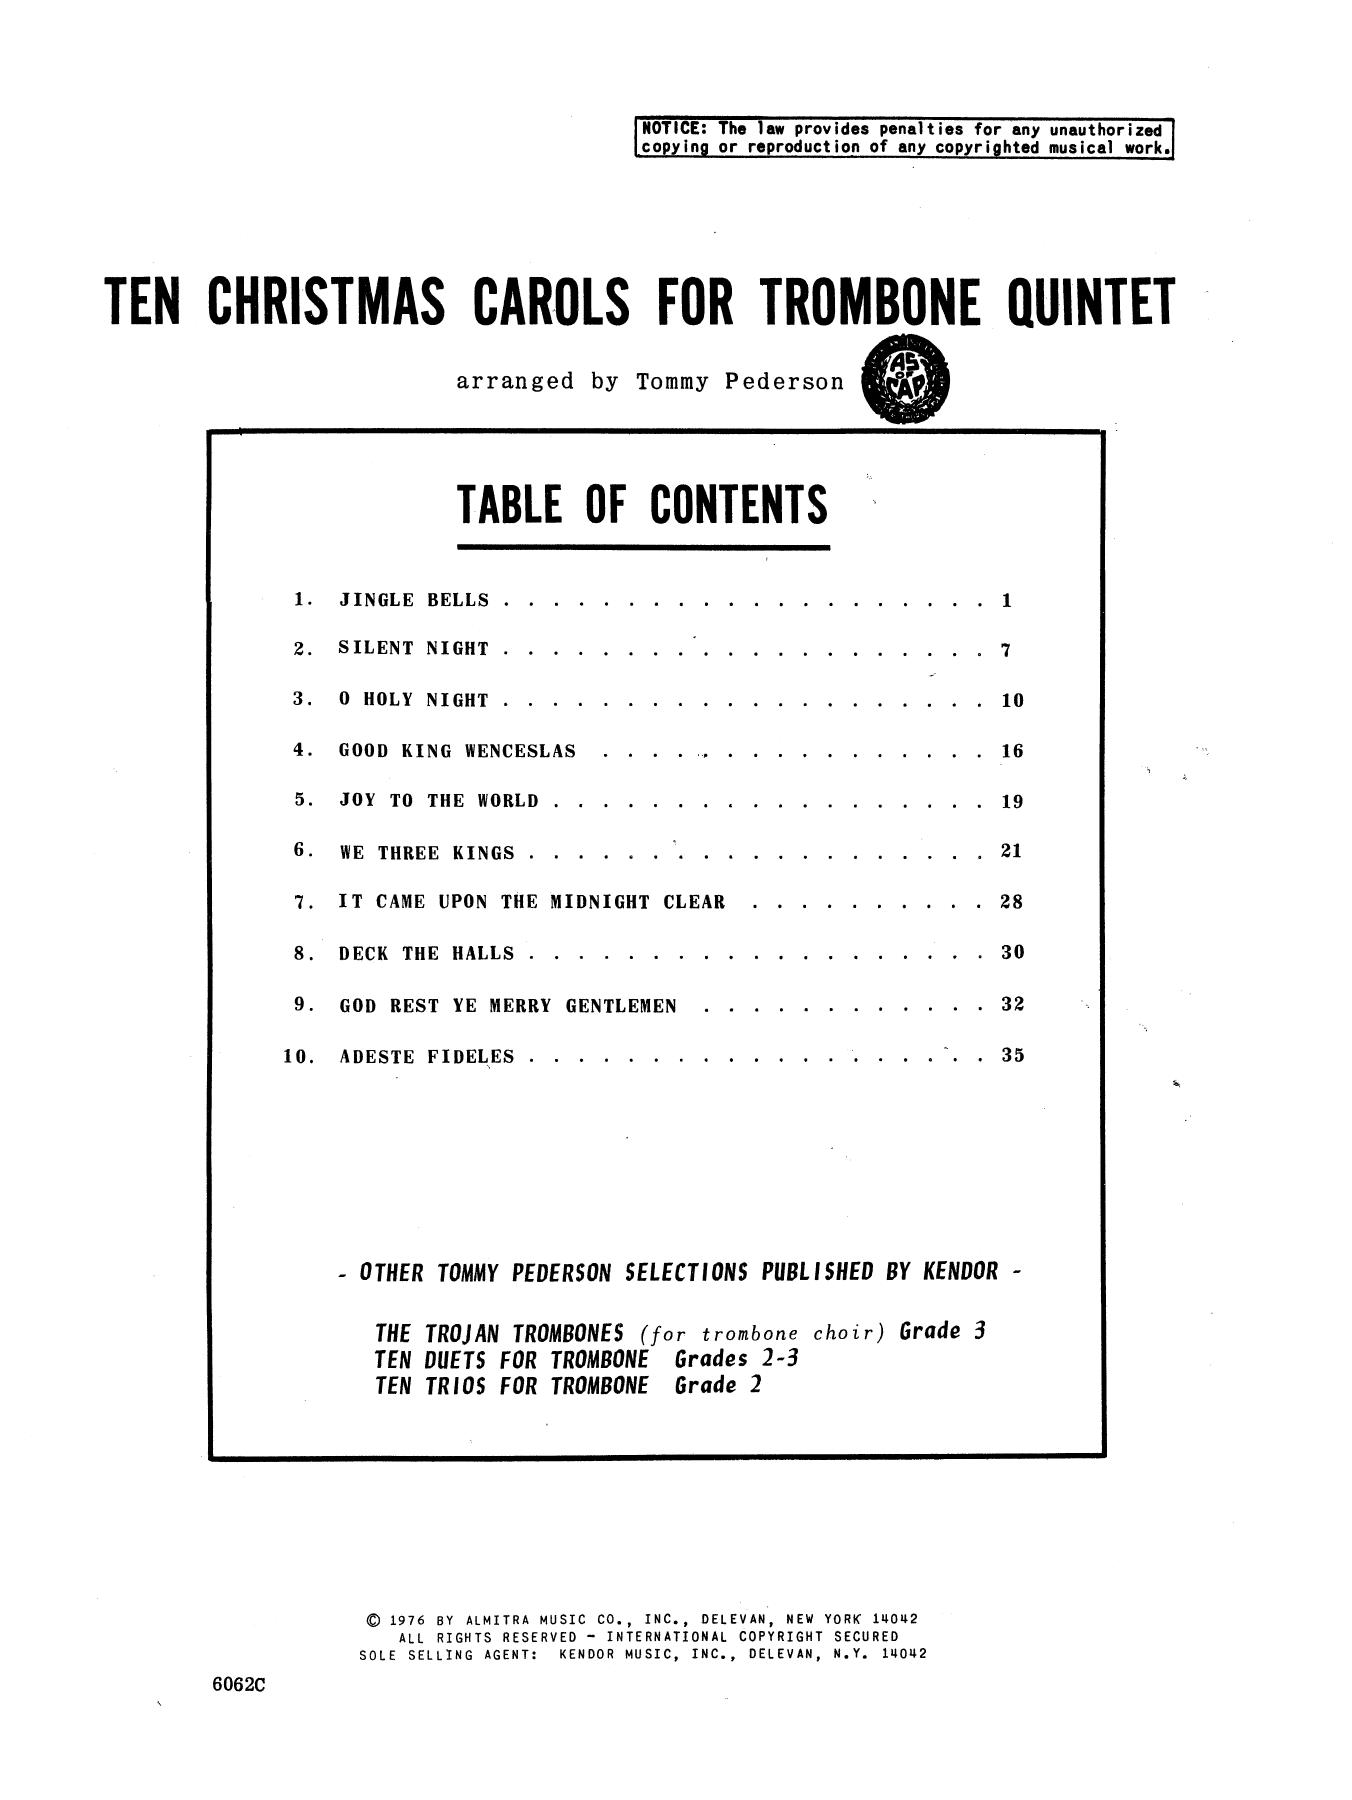 Ten Christmas Carols For Trombone Quintet/Full Score Sheet Music